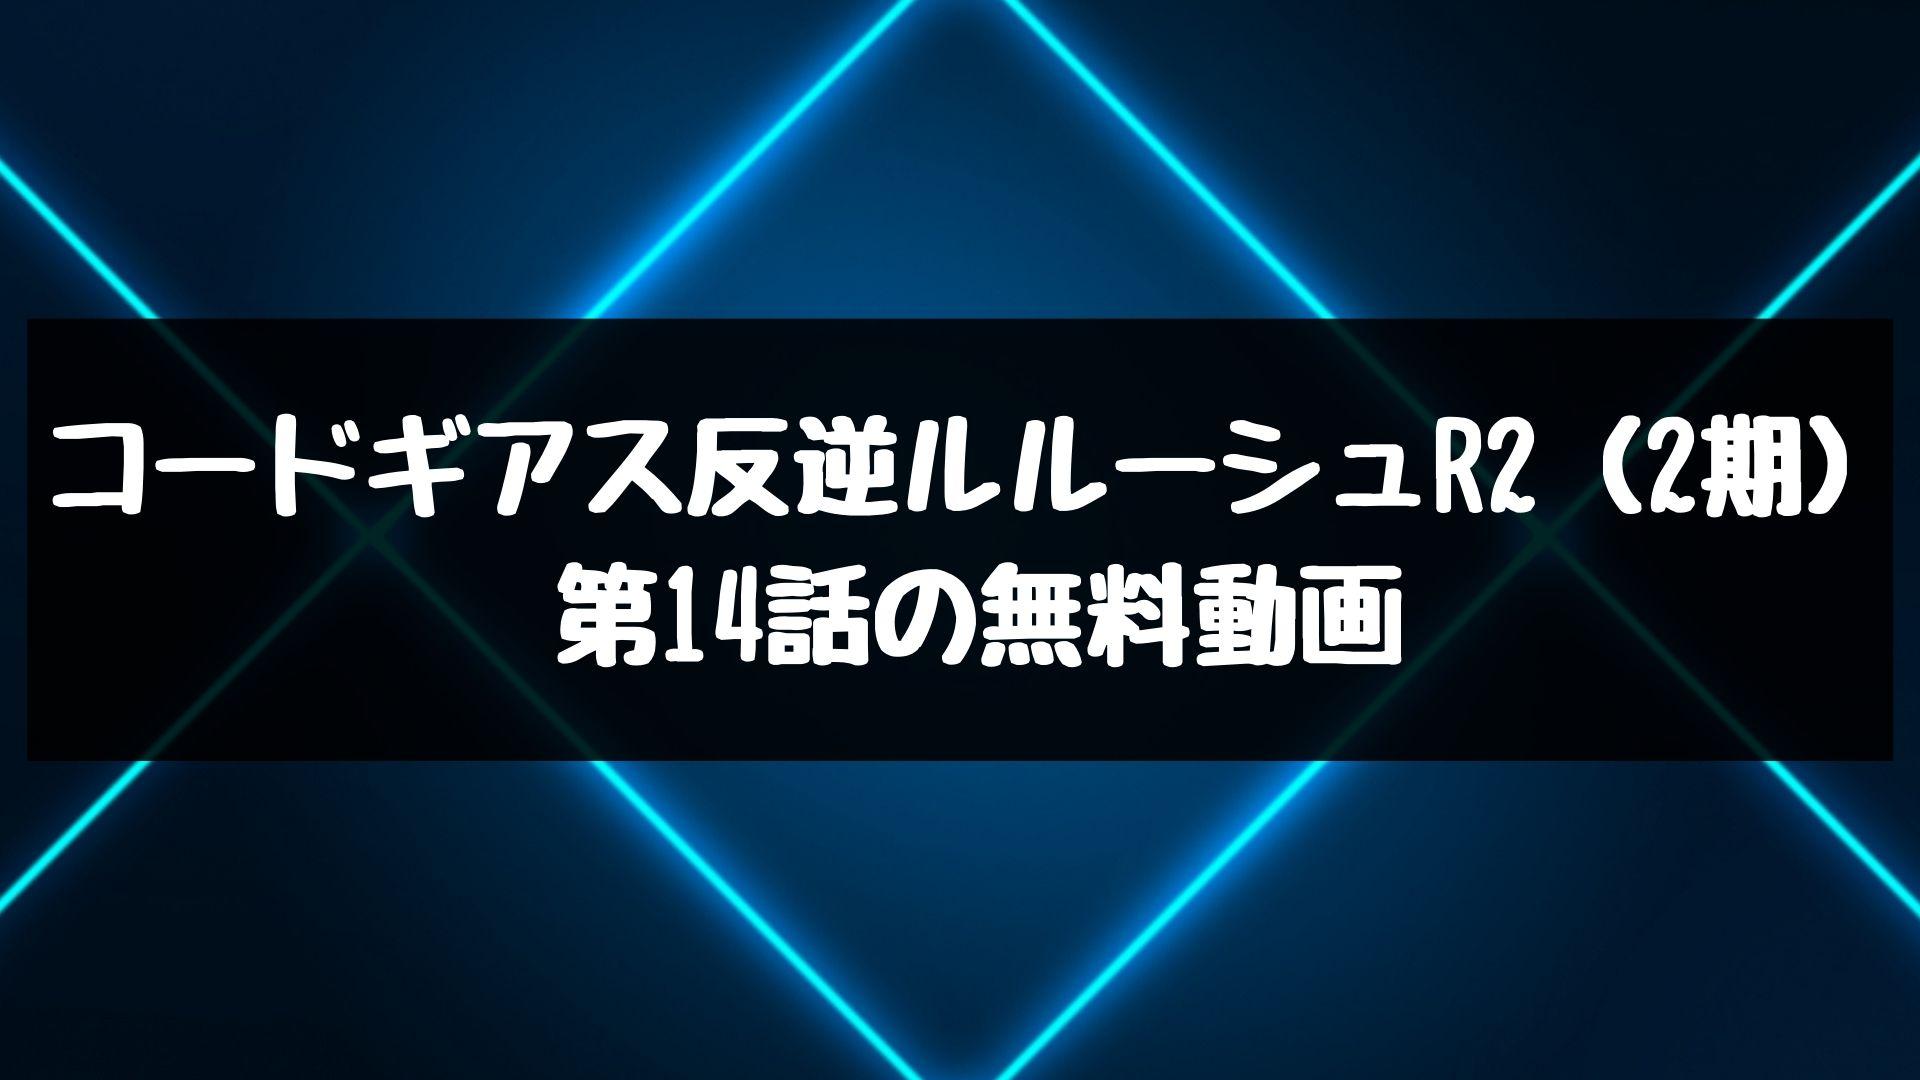 コードギアス反逆ルルーシュR2(2期) 第14話の無料動画